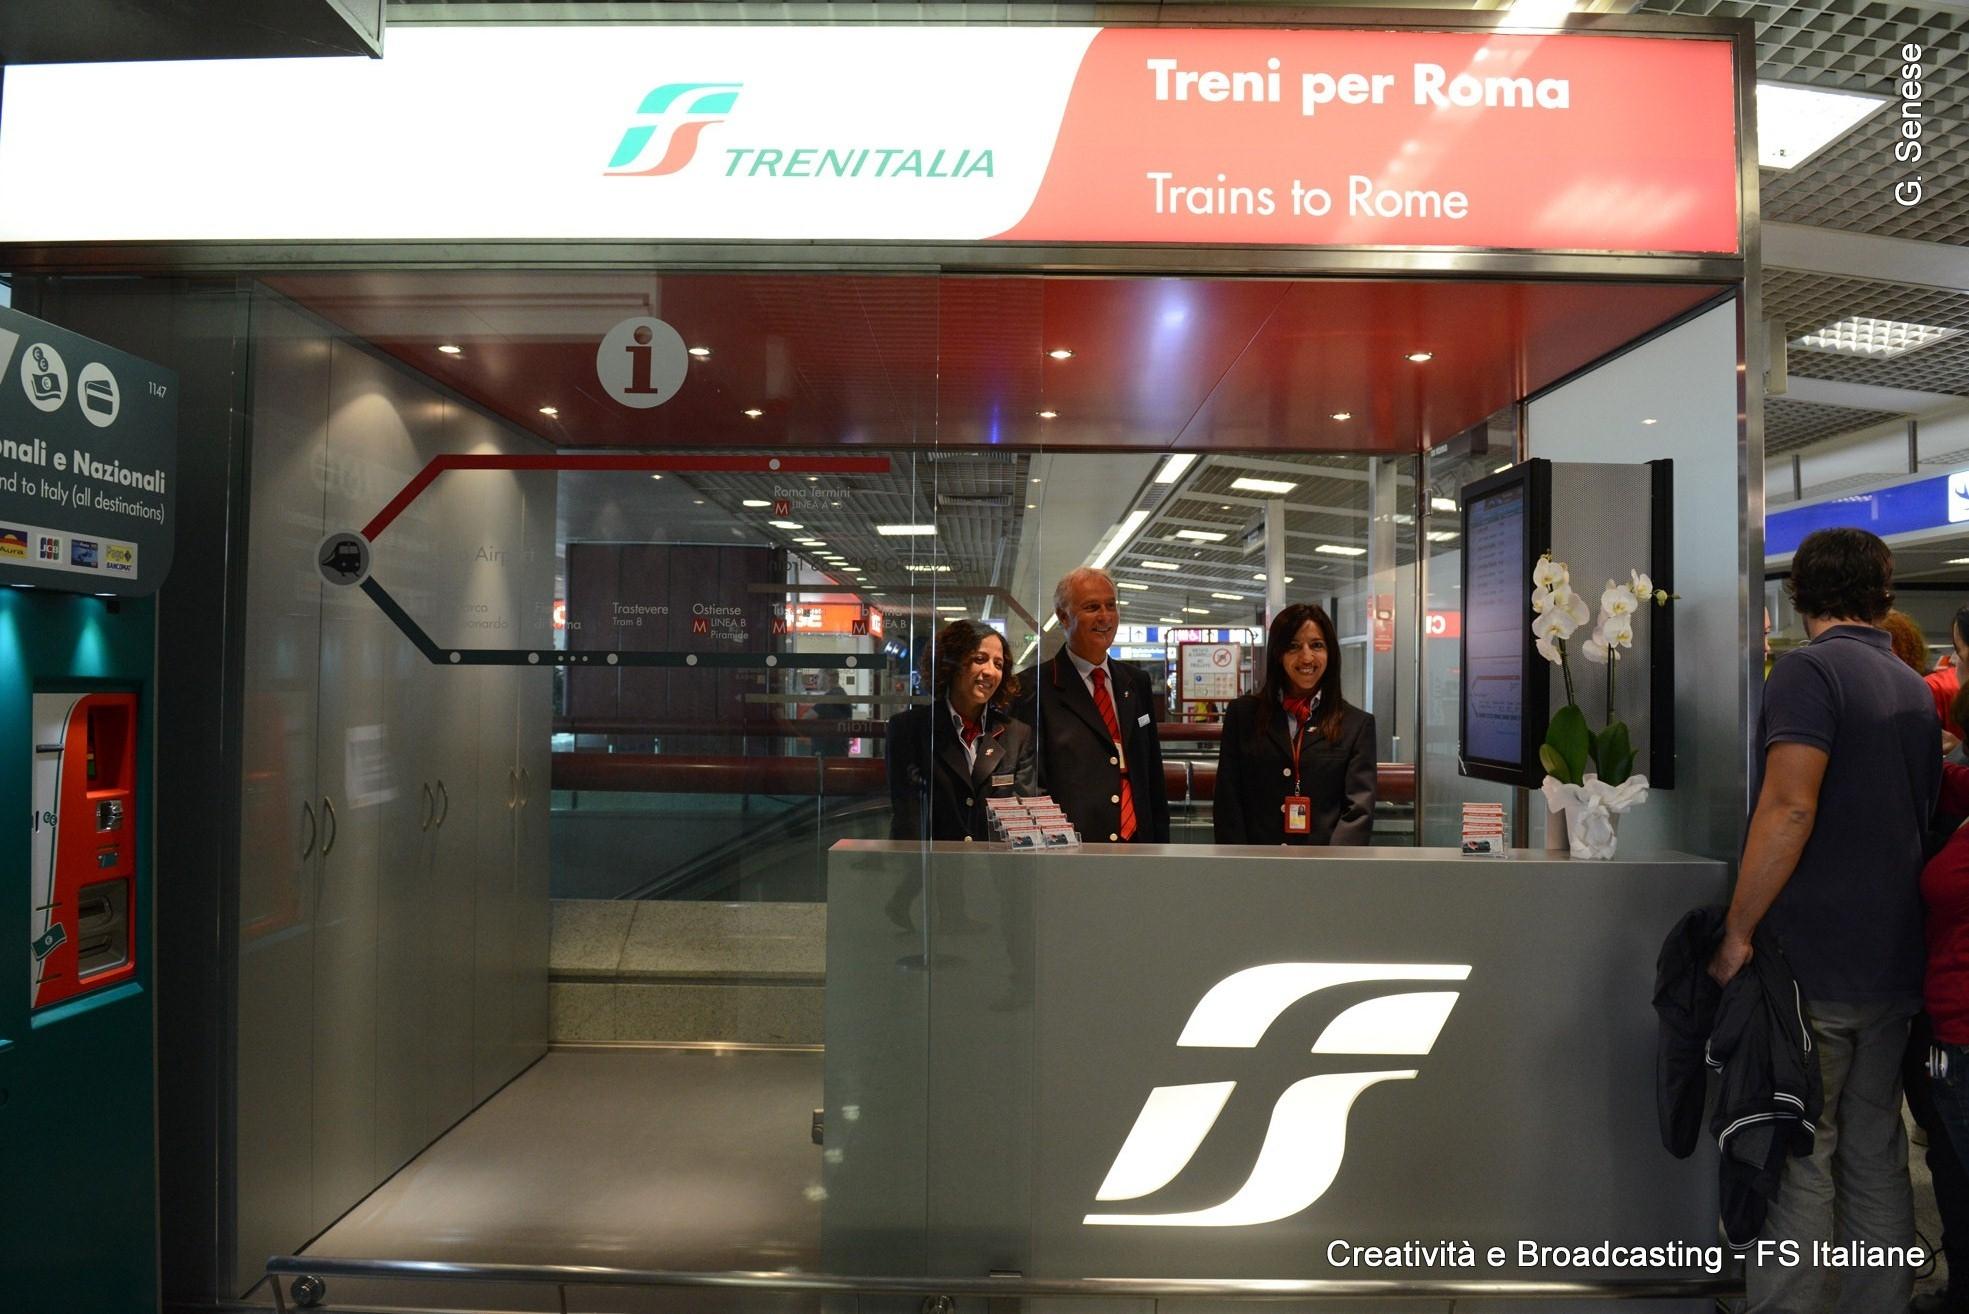 Infopoint Trenitalia presso il terminal T3 dell'aeroporto di Roma Fiumicino - Foto FSI